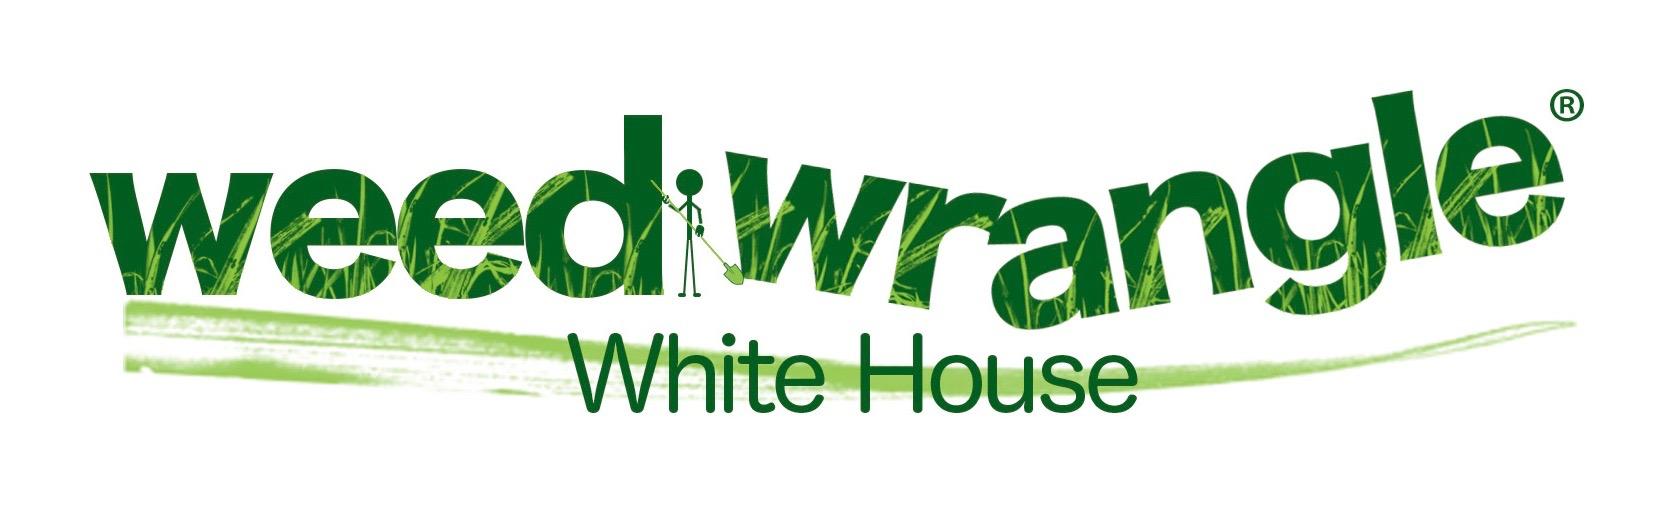 ww-whitehouse